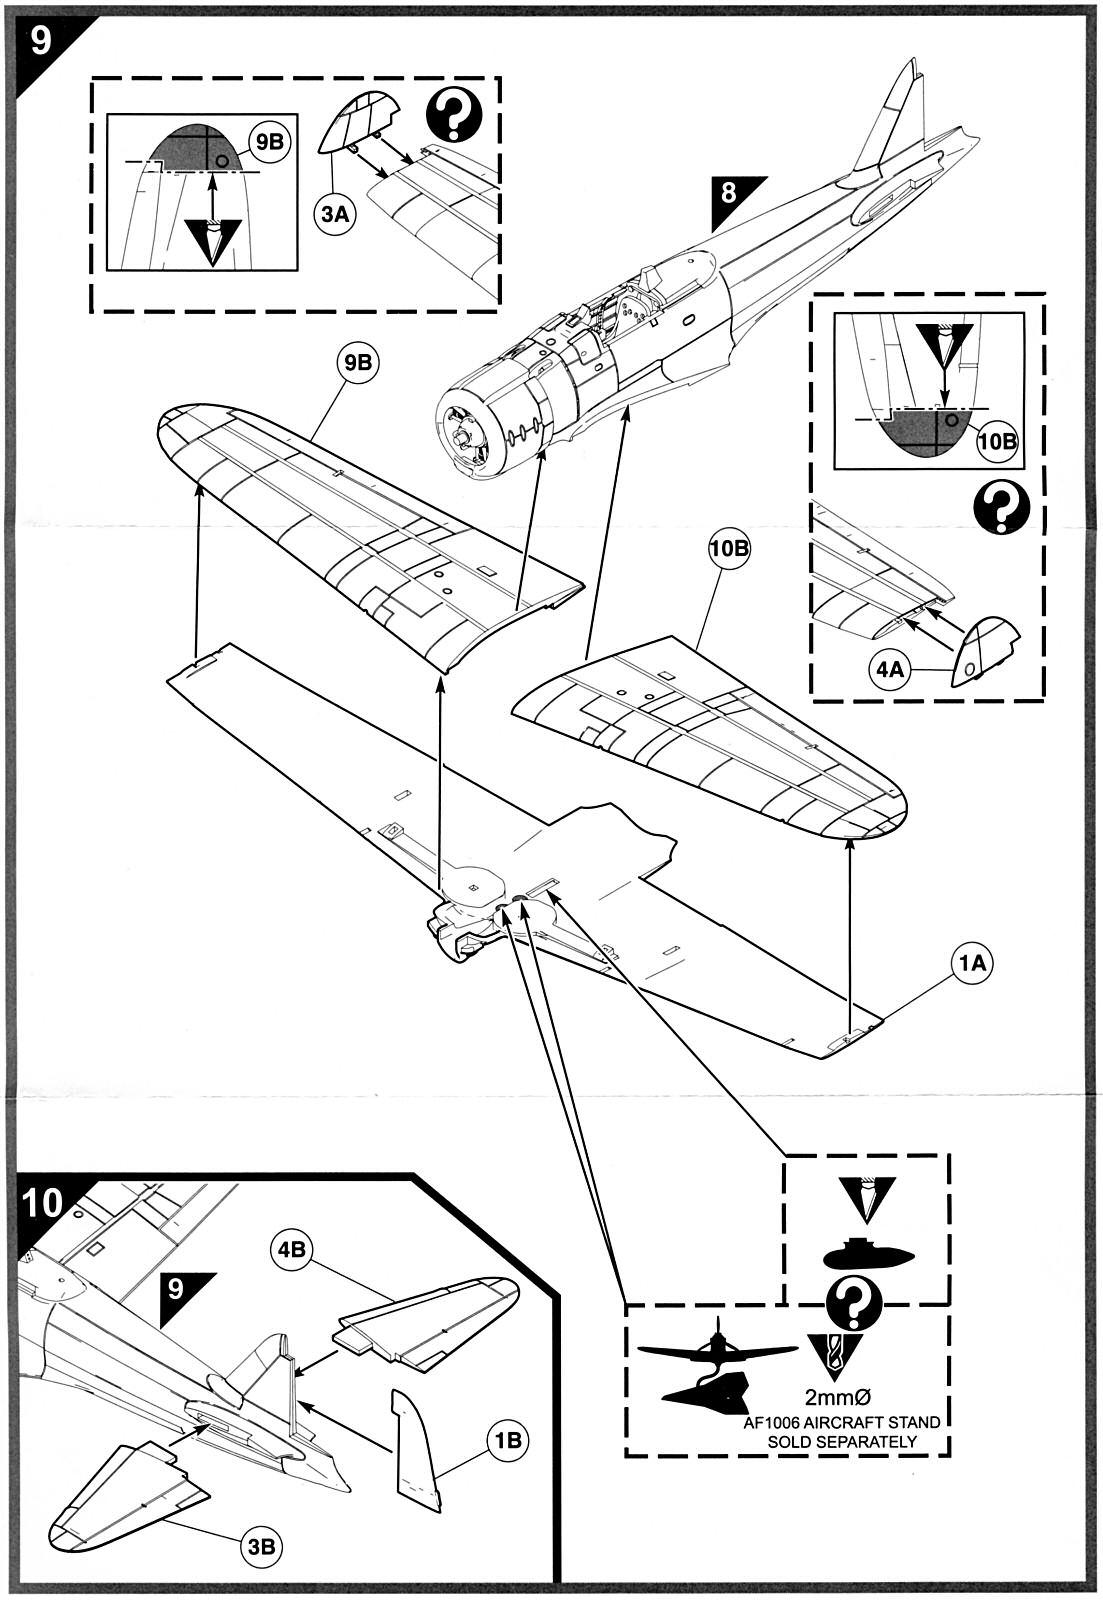 airfix lancaster instructions pdf